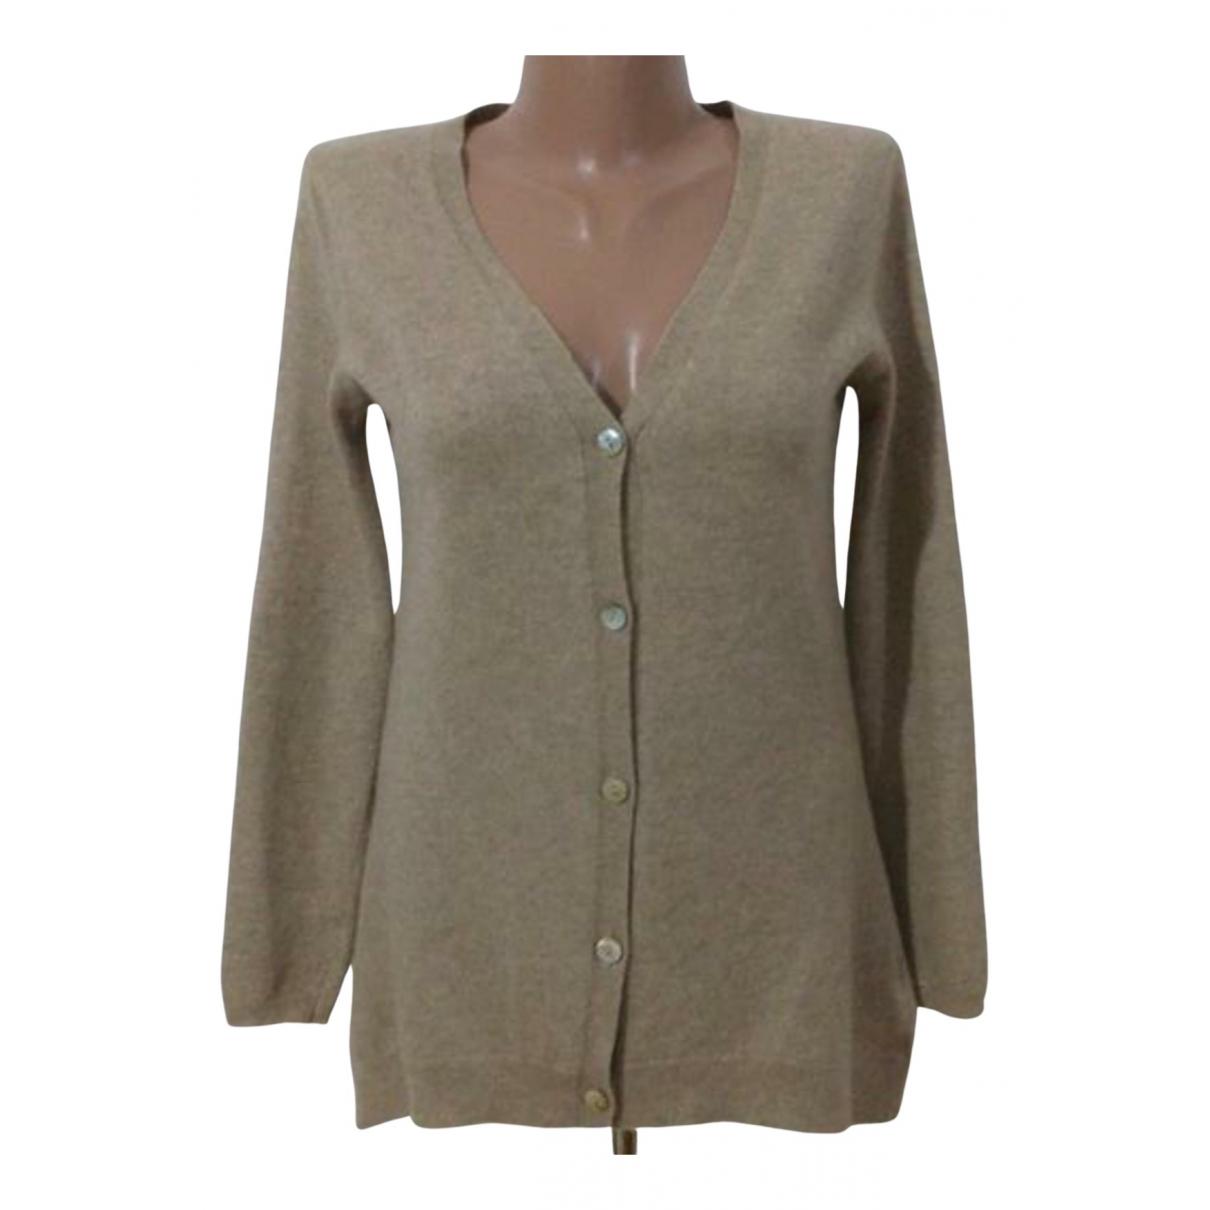 Ftc Cashmere - Pull   pour femme en cachemire - beige